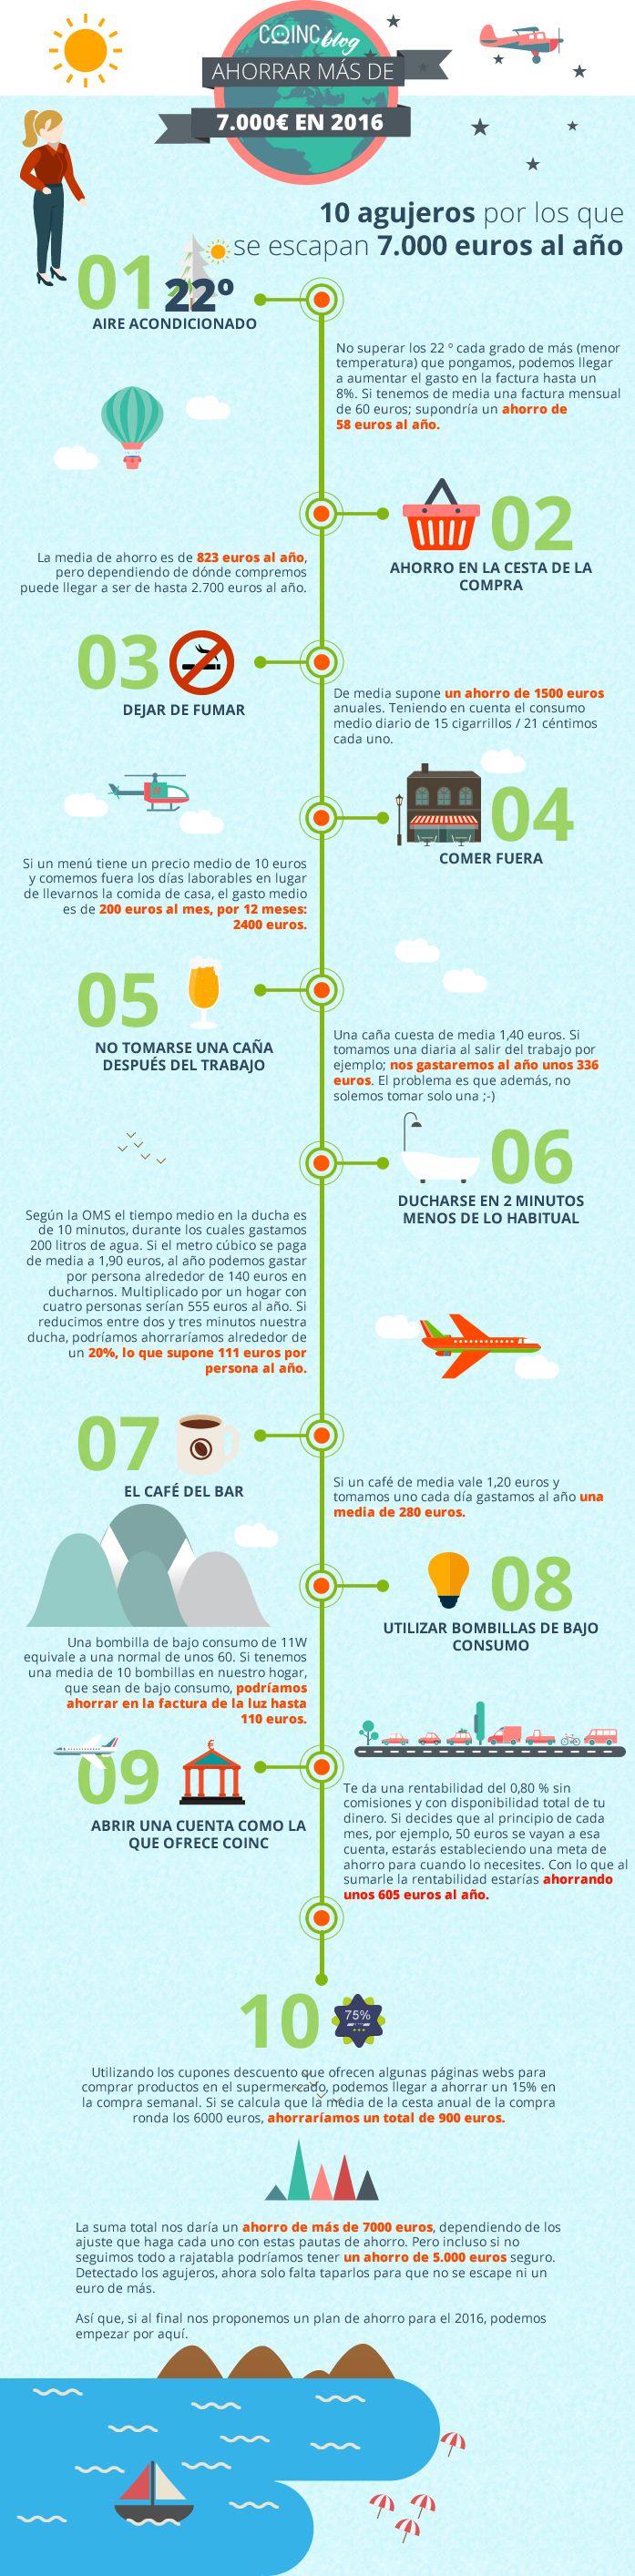 131 best images about ahorrar dinero on pinterest tes - Ideas para ahorrar dinero ...